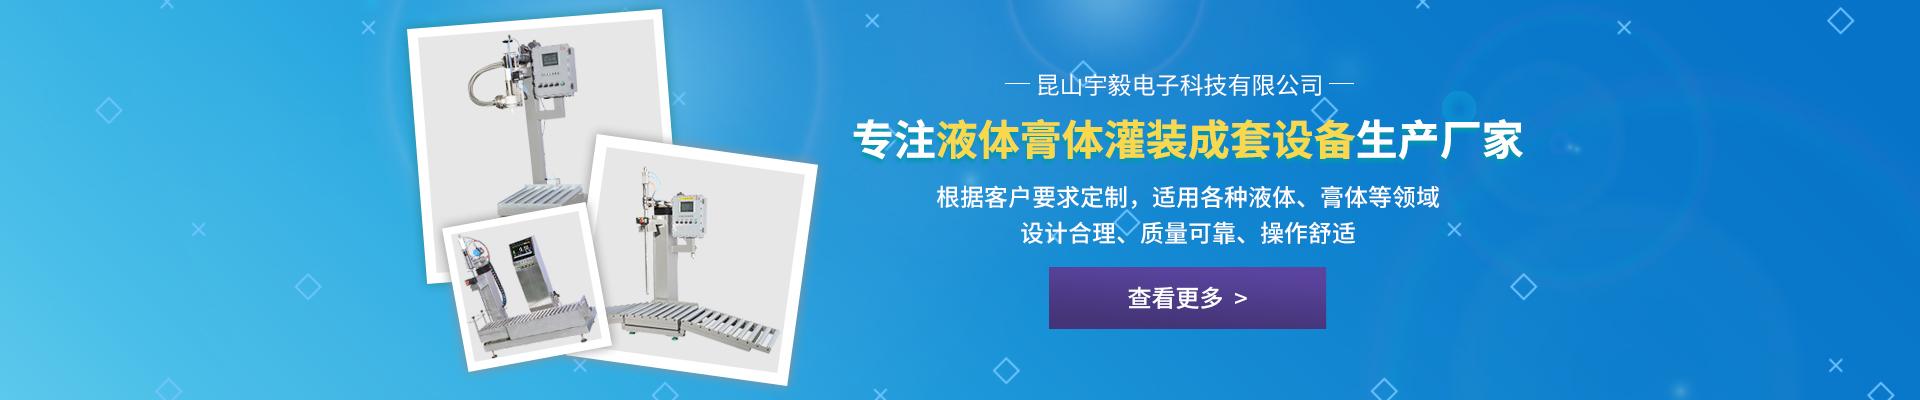 昆山宇毅电子科技有限公司